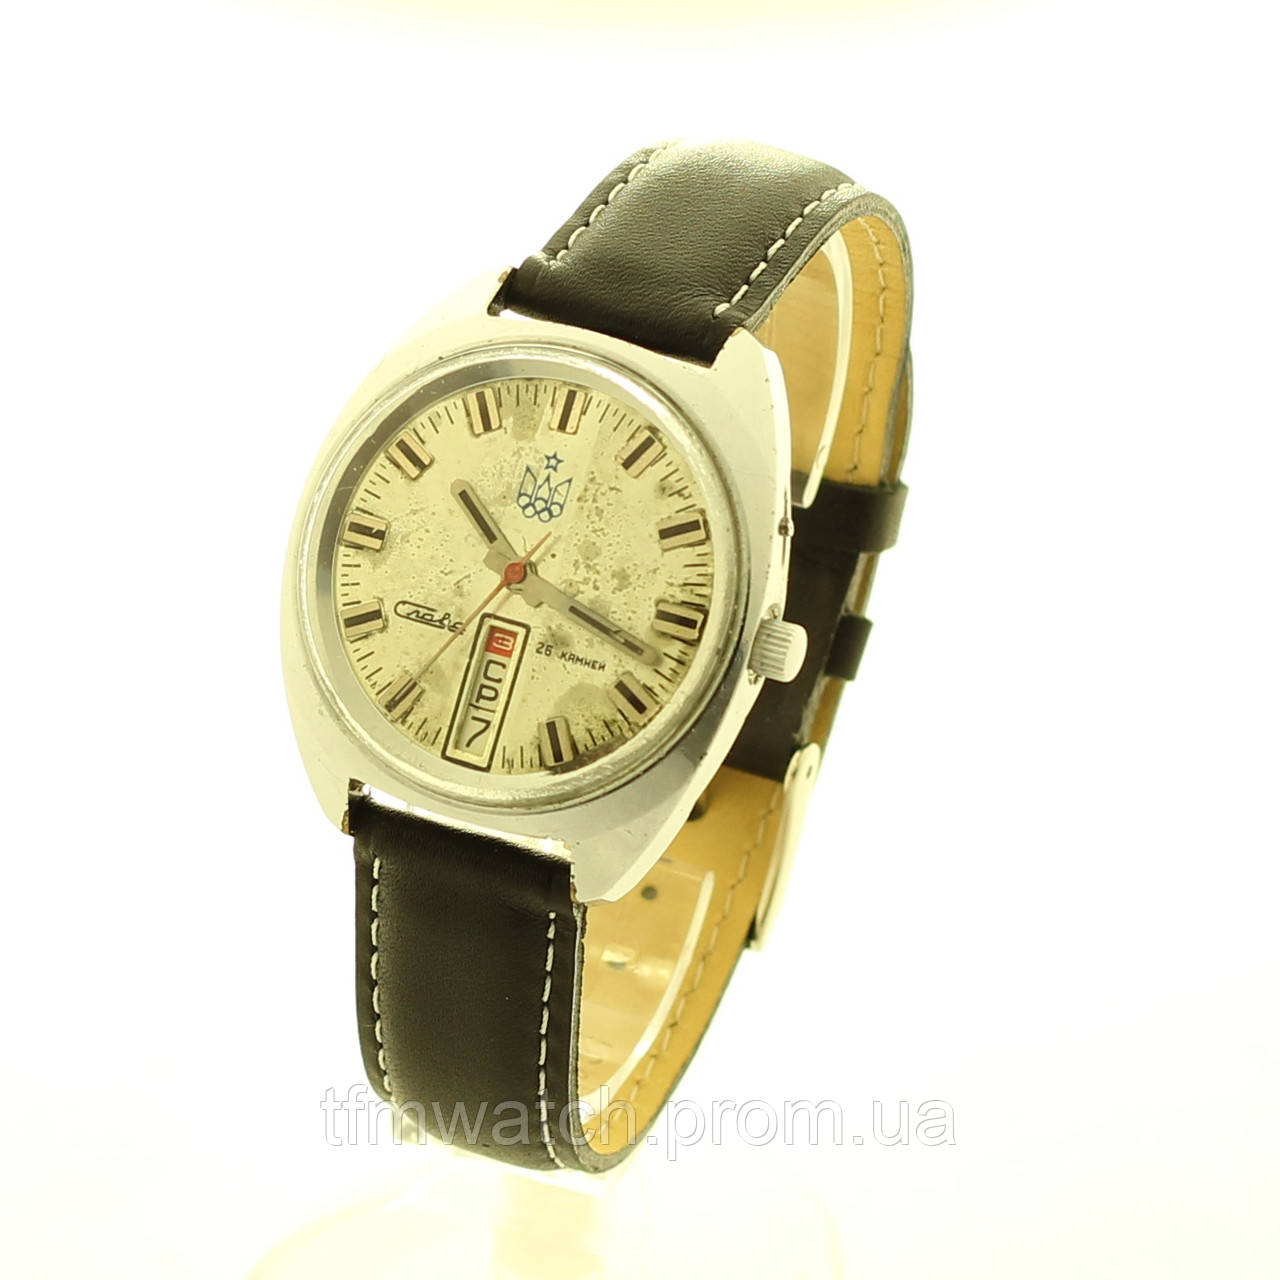 Слава механические часы Олимпиада 80